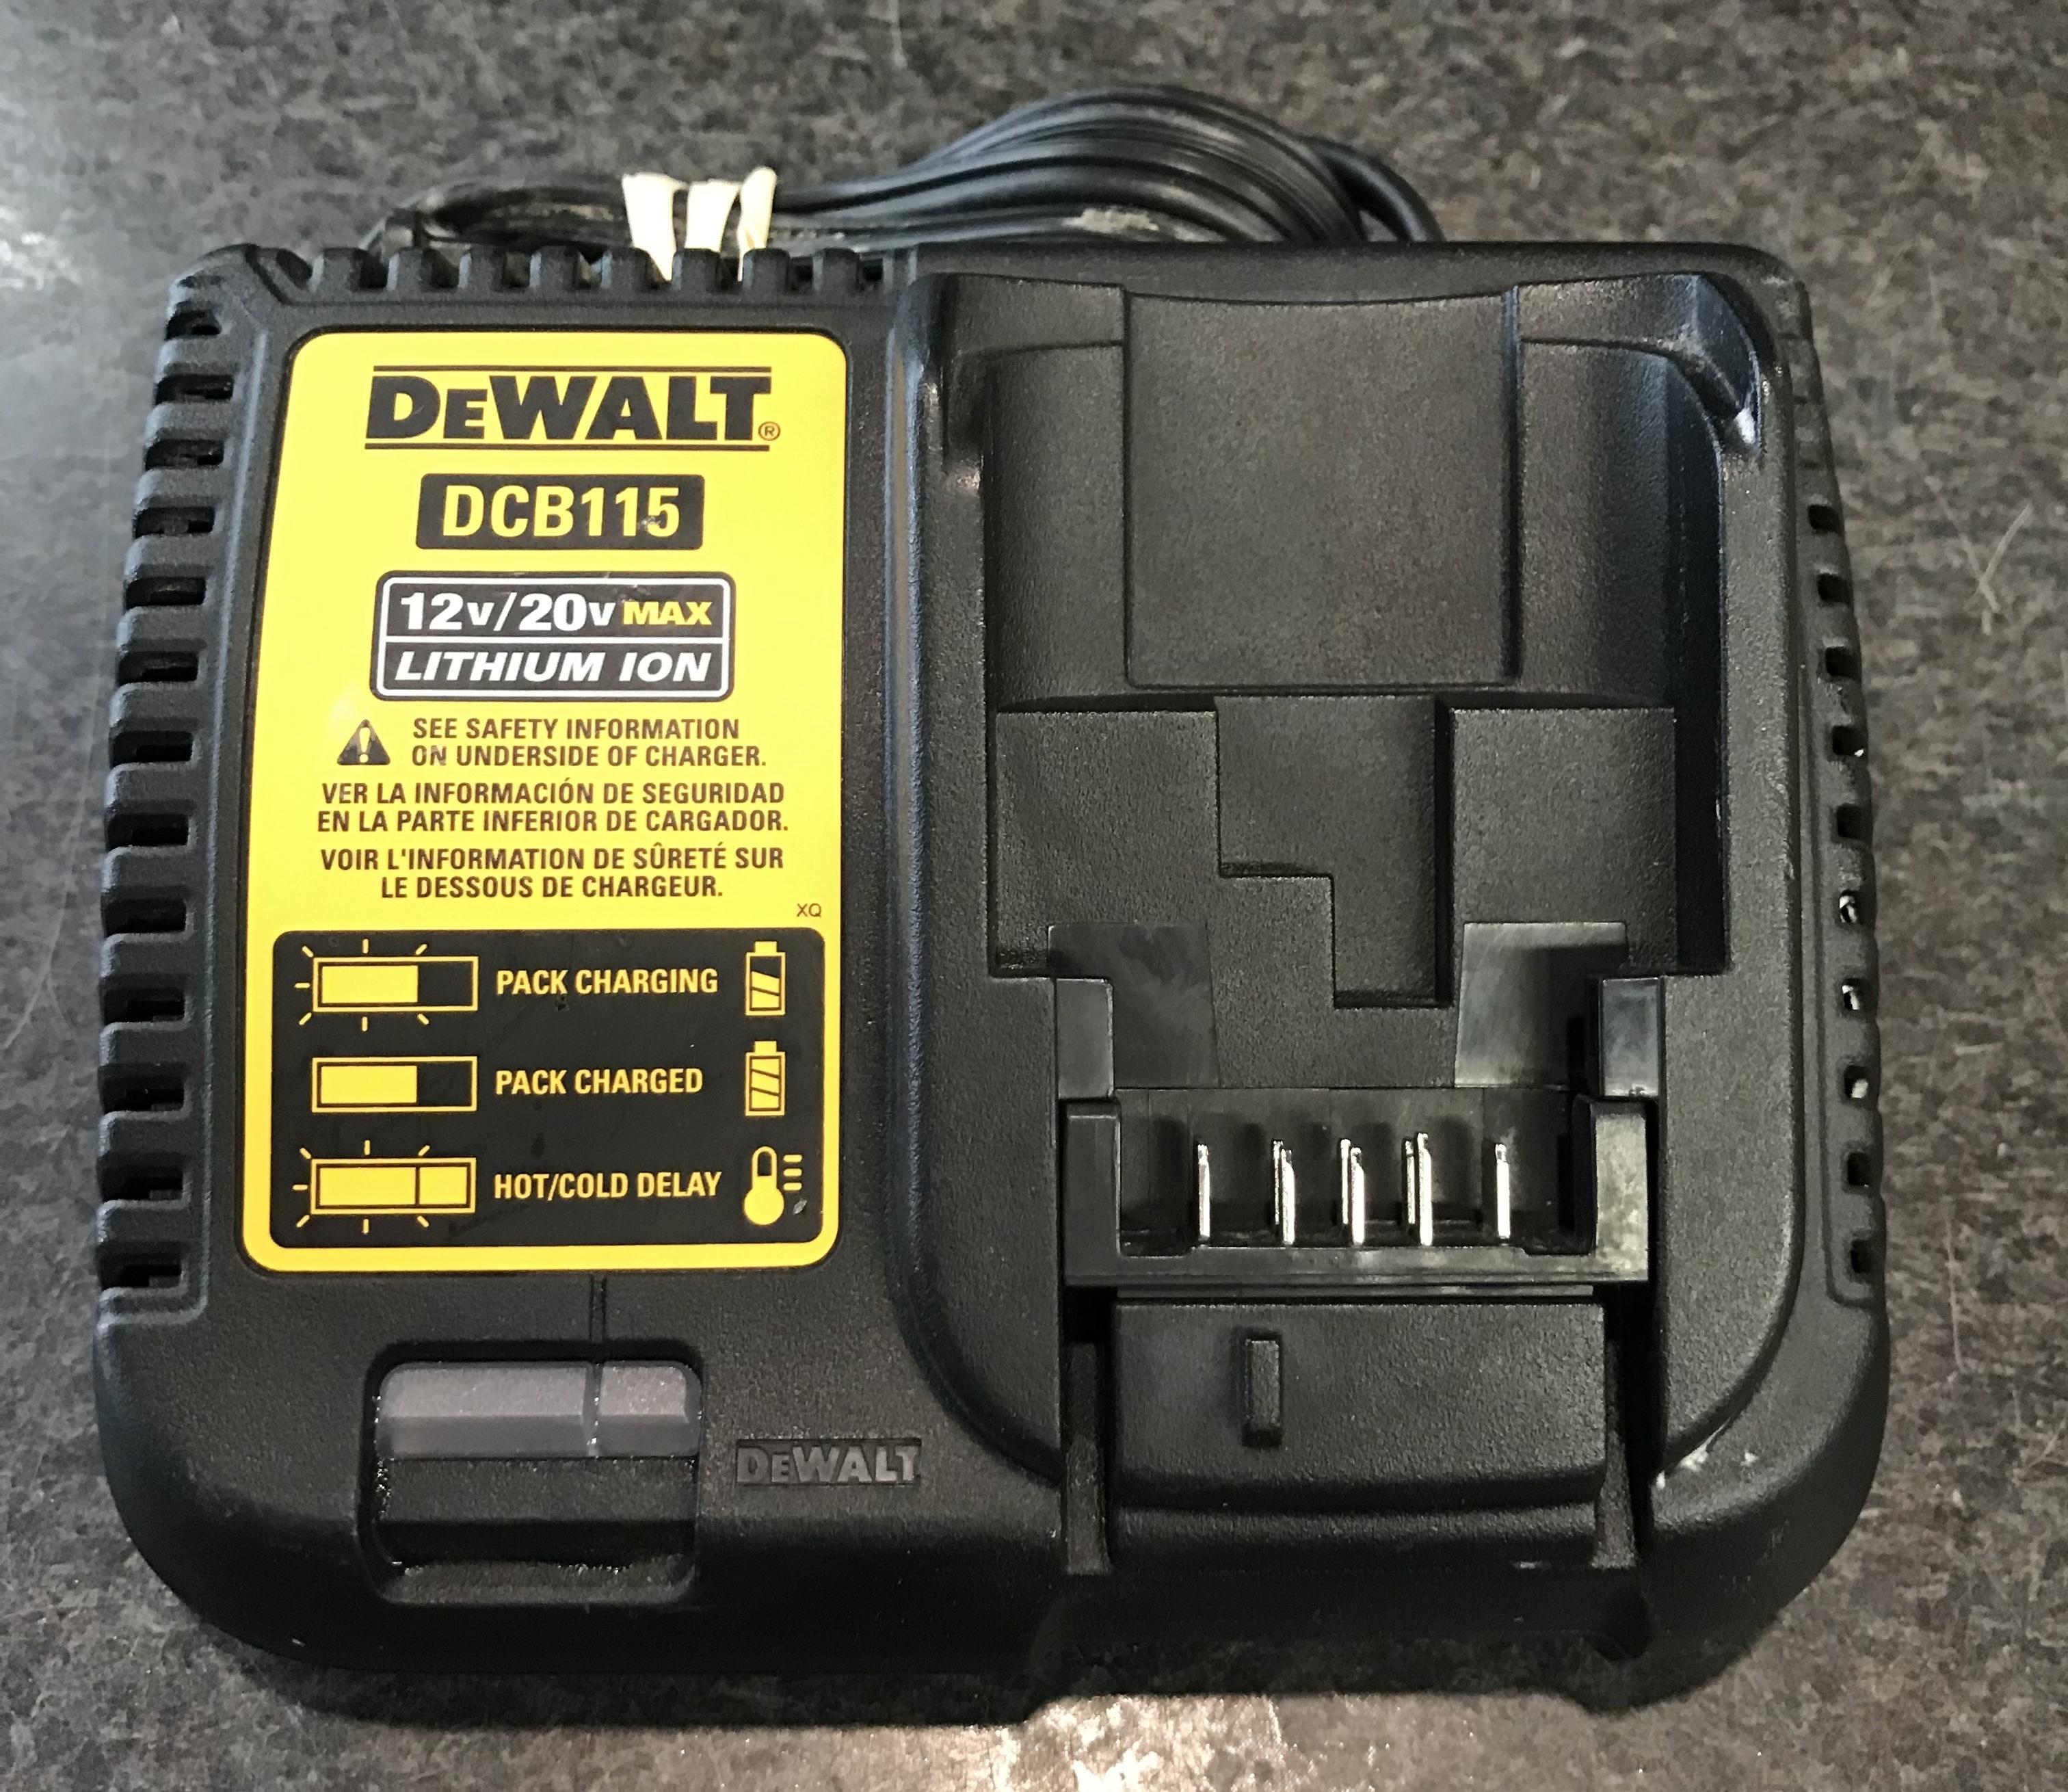 DEWALT - DCB115 - 12V / 20V CHARGER